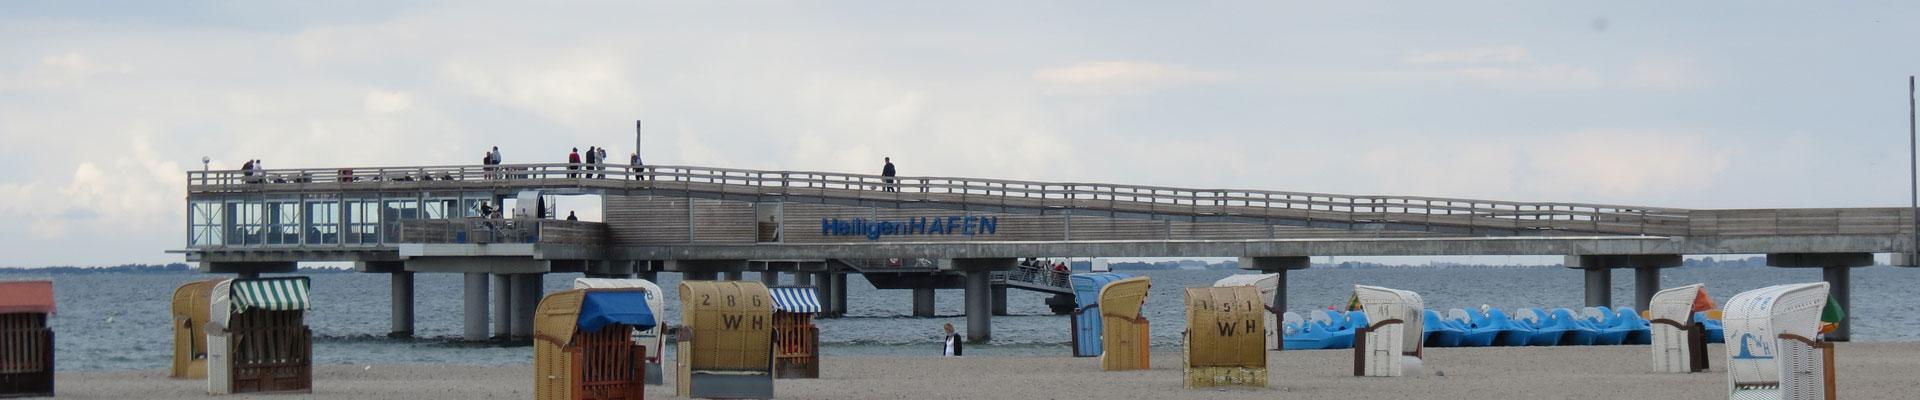 berner* Sachverständige heiligenhafen-header Heiligenhafen